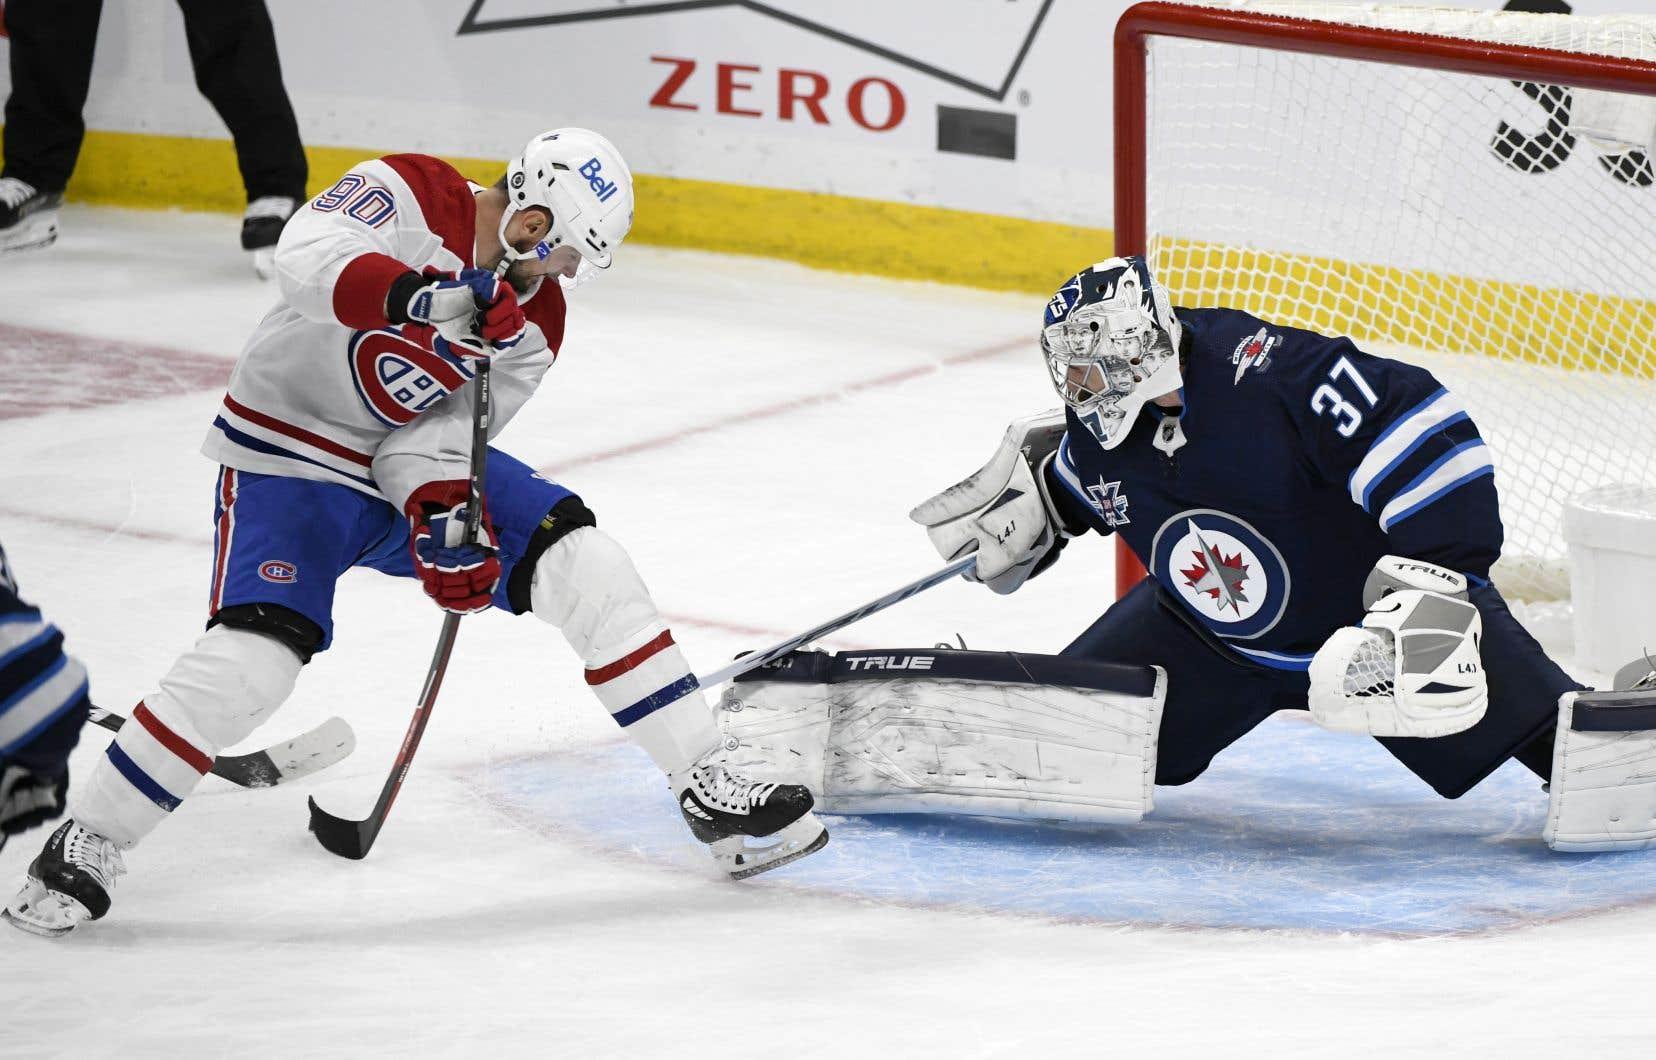 Après deux matchs difficiles contre les Flames à Calgary, le Tricolore a rebondi et offert du jeu un peu plus structuré contre les Jets.